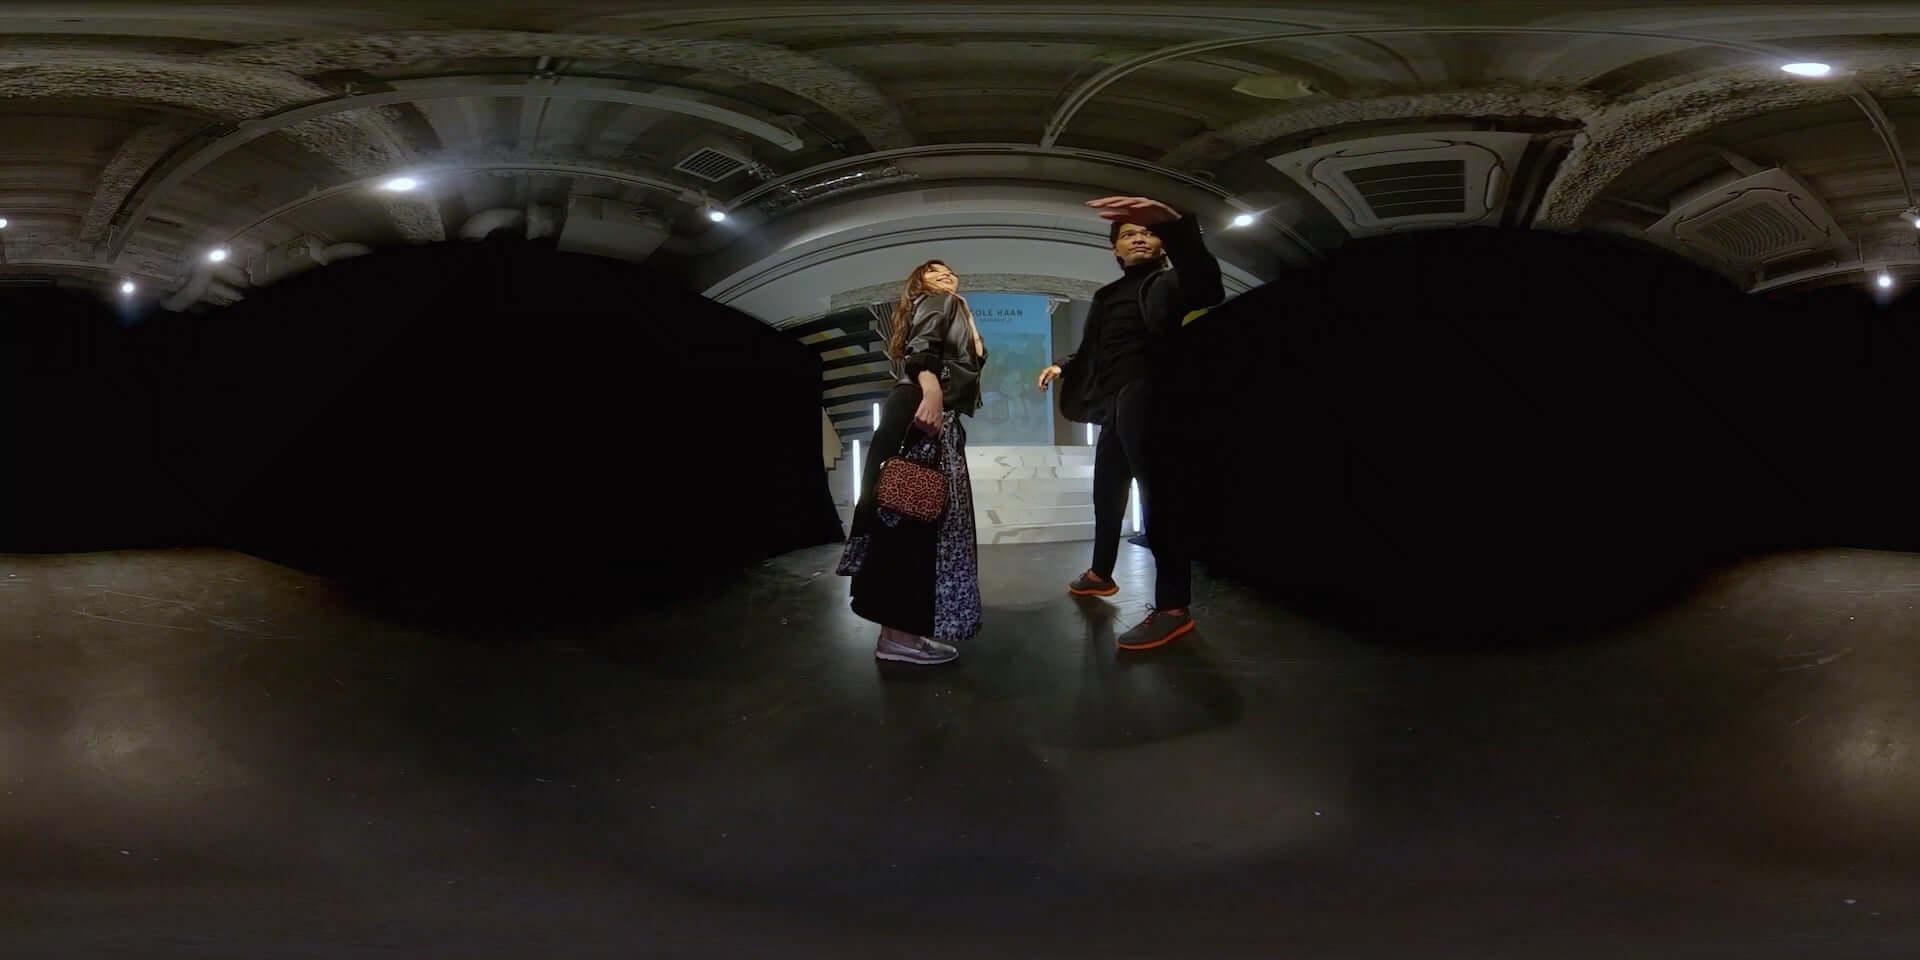 ローレン・サイのアートも展示!原宿キャットストリートに新コンセプトストア「COLE HAAN GRANDSHØP」がオープン&VRショーのレポートも到着 lf201204_colehaan_11-1920x960